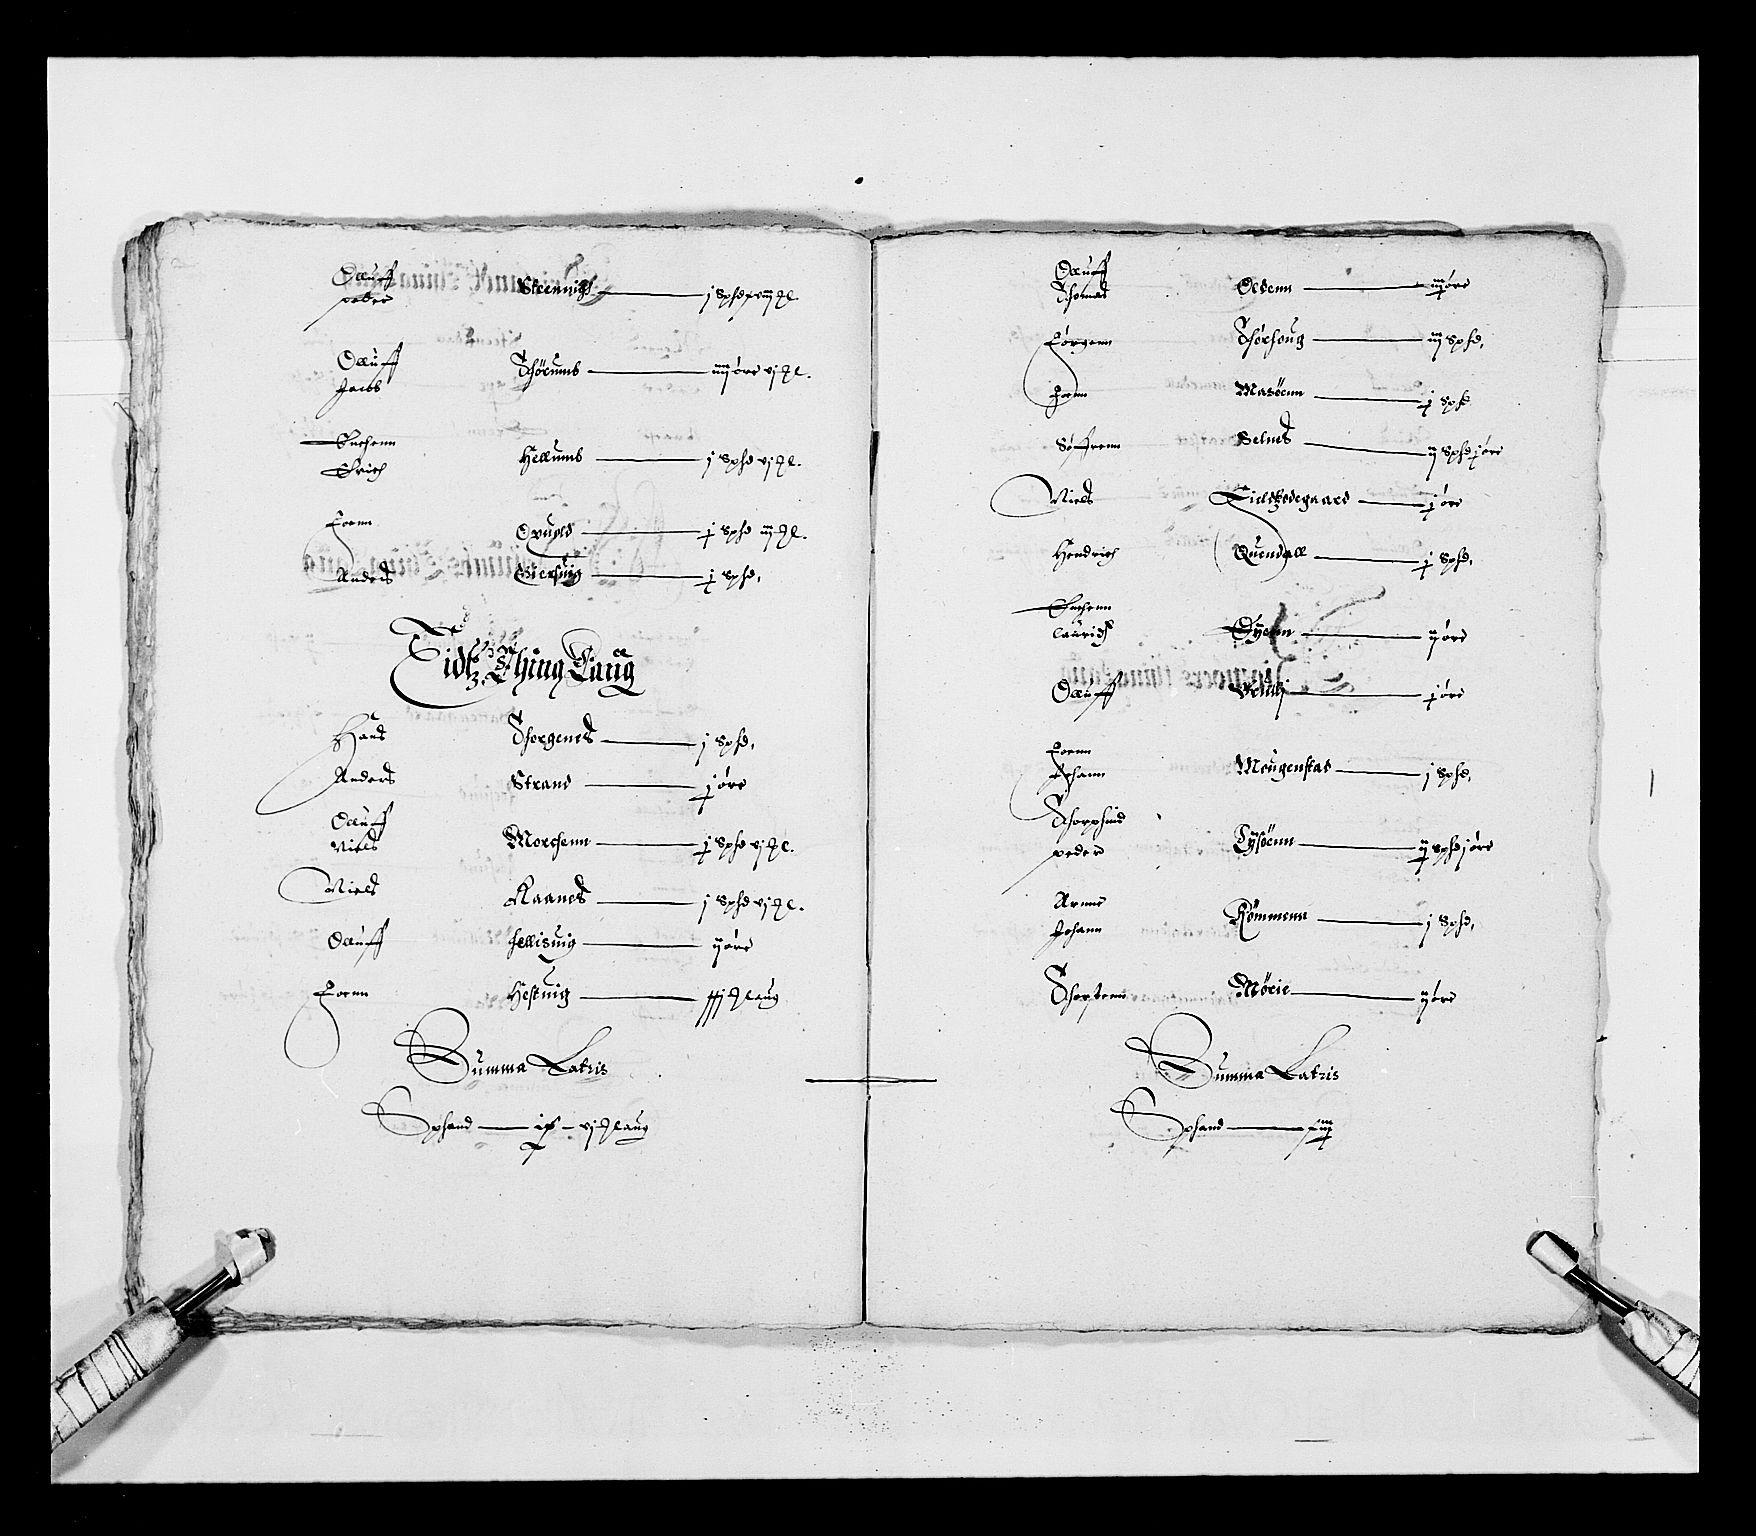 RA, Stattholderembetet 1572-1771, Ek/L0028: Jordebøker 1633-1658:, 1645-1646, s. 71